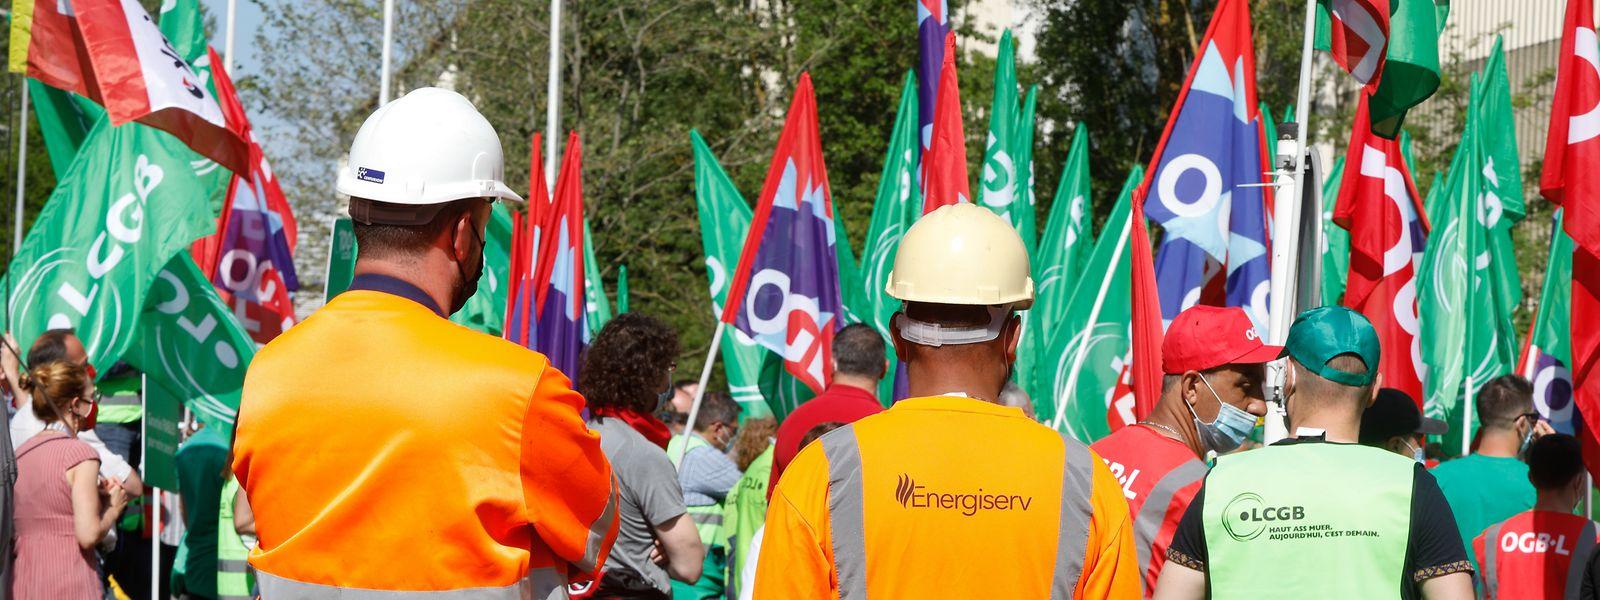 Plusieurs dizaines de personnes ont assisté vendredi au piquet de protestation organisé par l'OGBL et le LCGB et voué à faire avancer un dossier qui menace plusieurs centaines d'emplois.